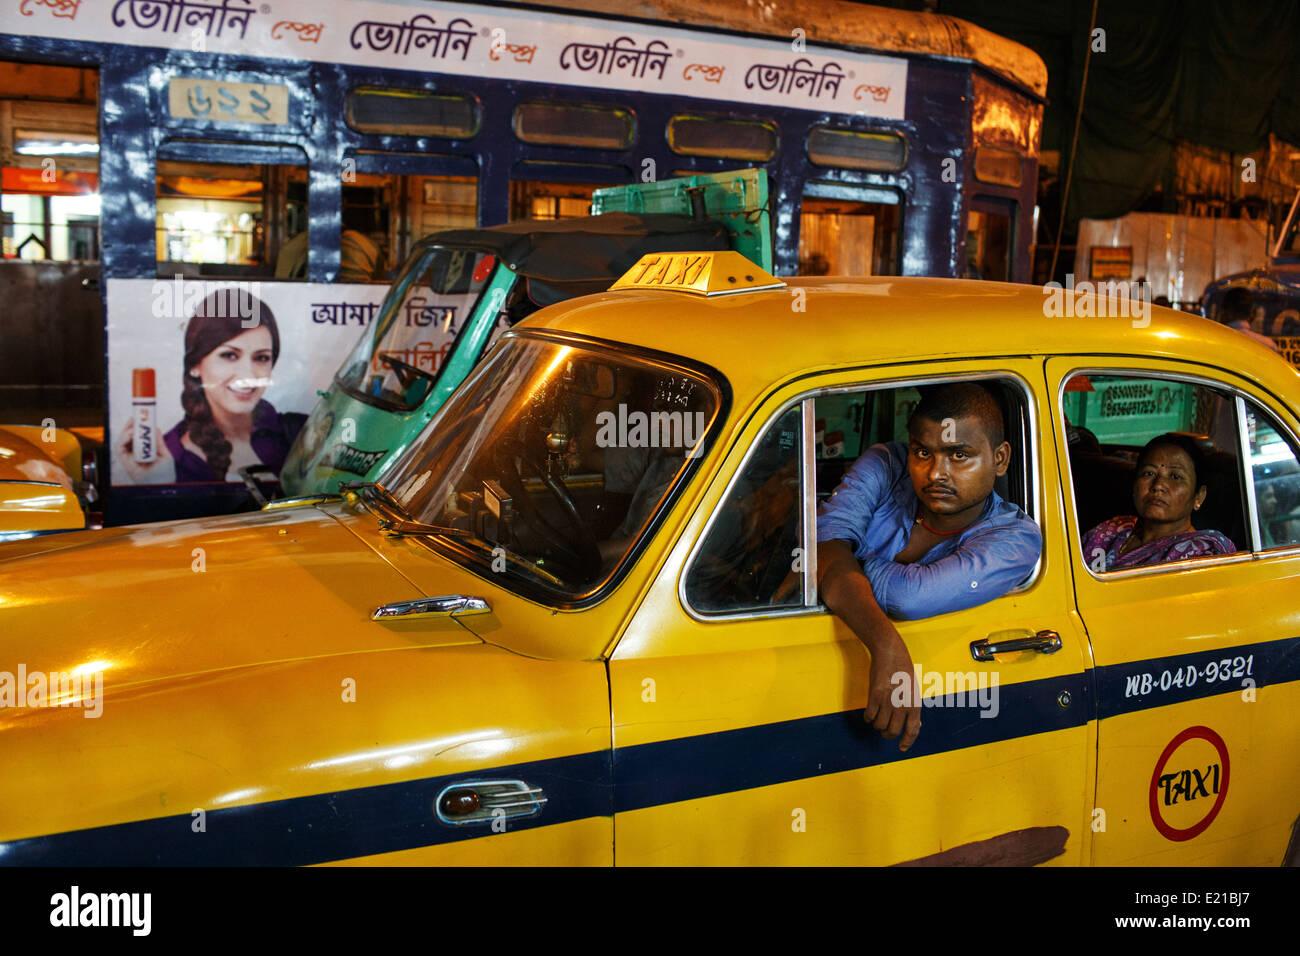 Un taxista y su Embajador amarillo coche atrapado en un atasco de tráfico en el centro de Kolkata (Calcuta), Imagen De Stock